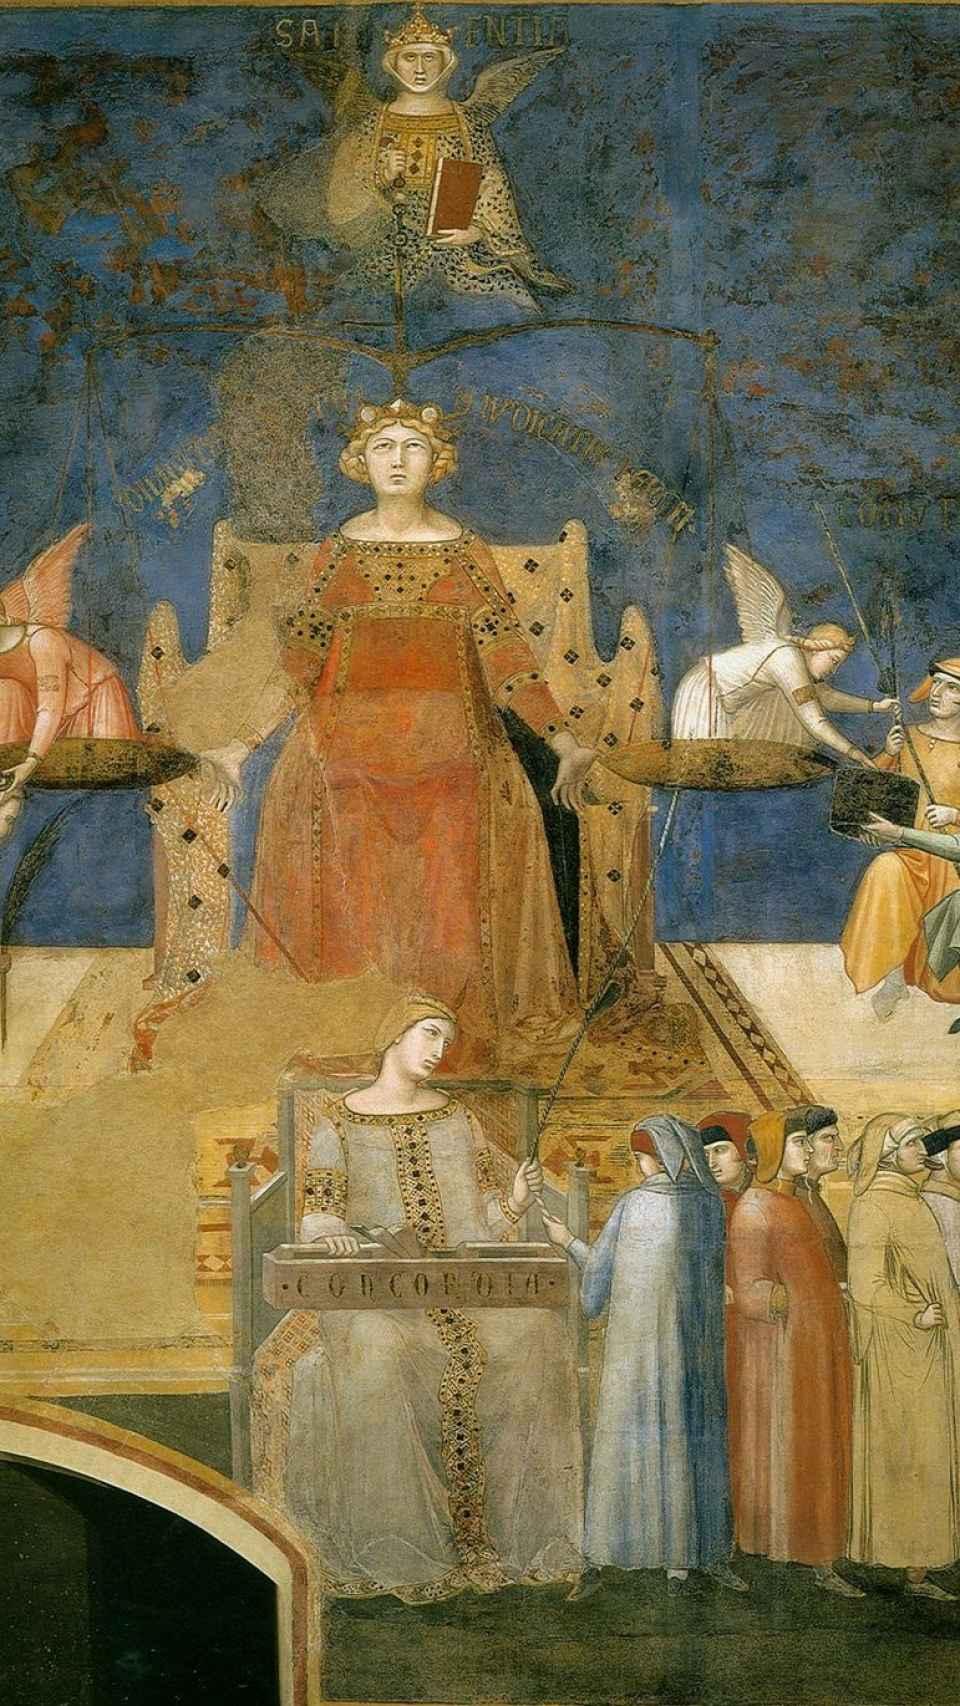 Alegoría sobre el buen gobierno, de Ambrogio Lorenzetti.